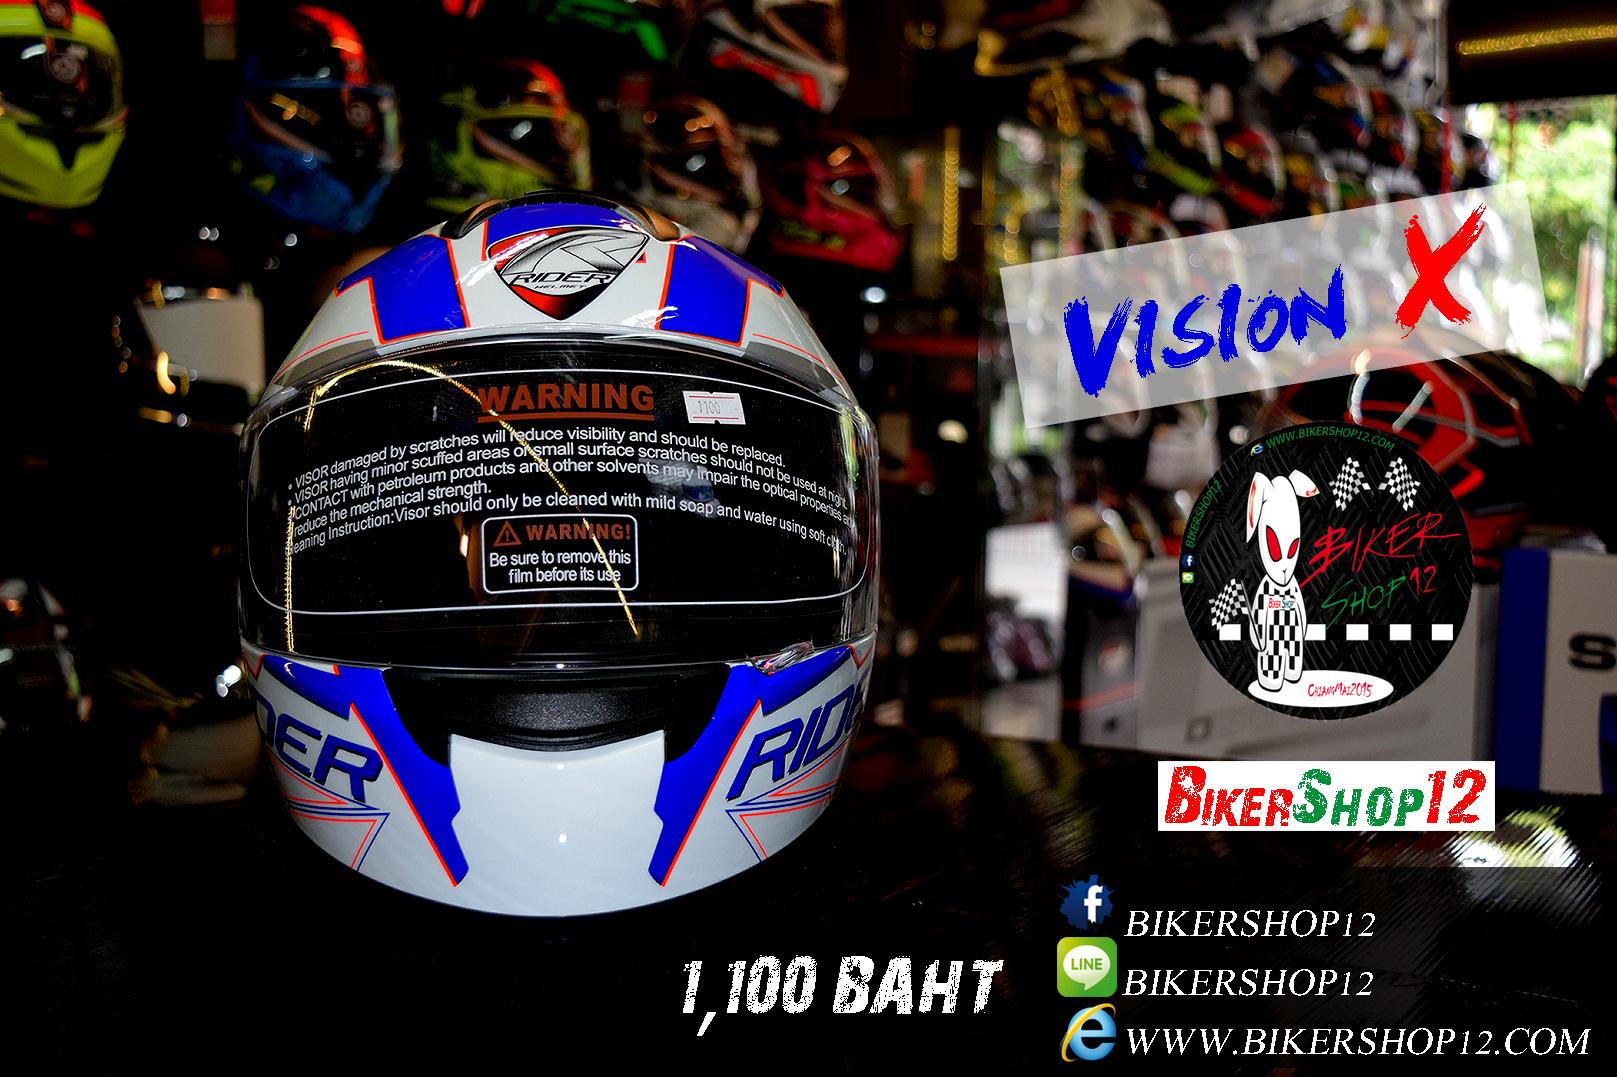 หมวกกันน็อคRider รุ่น Vision X สี Star Patriot